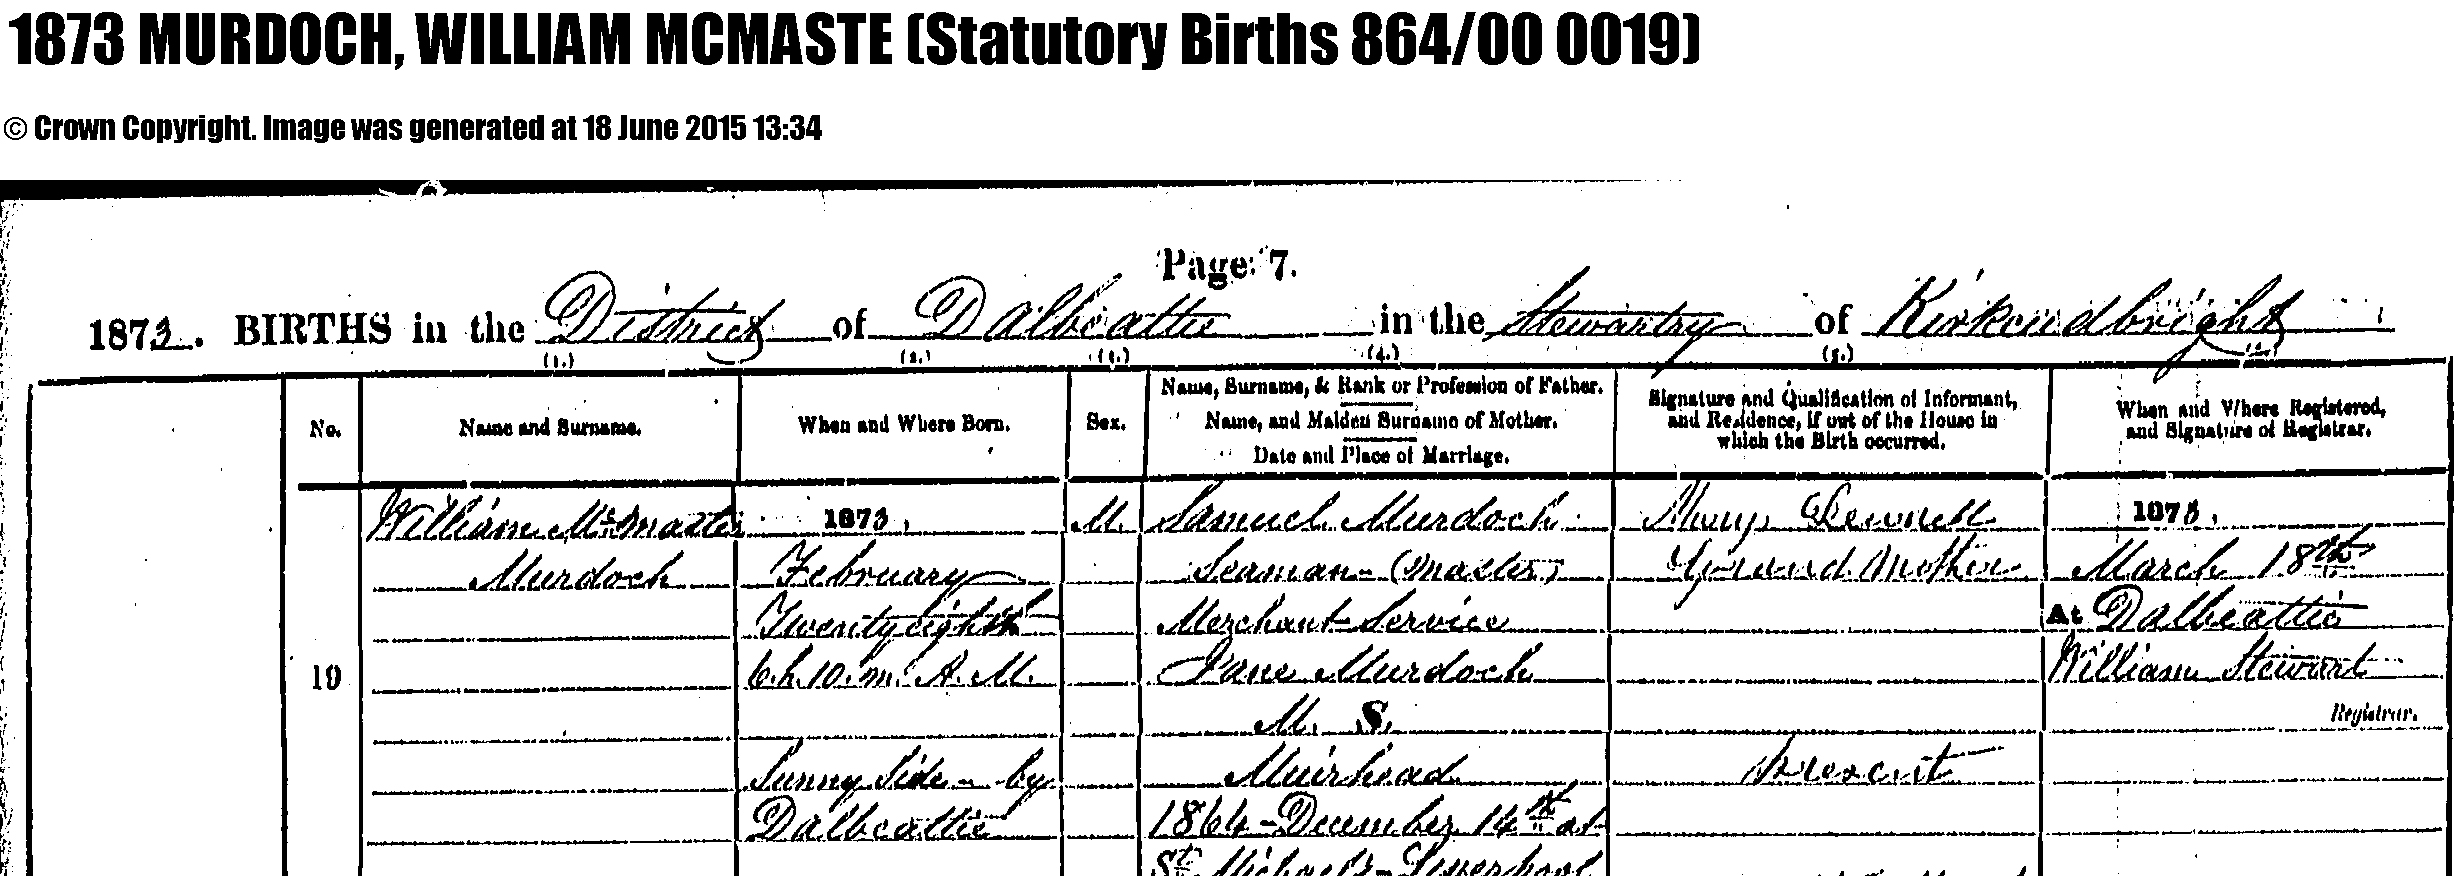 Biographie de William Murdoch - Page 5 Murdoch_birth_certificate